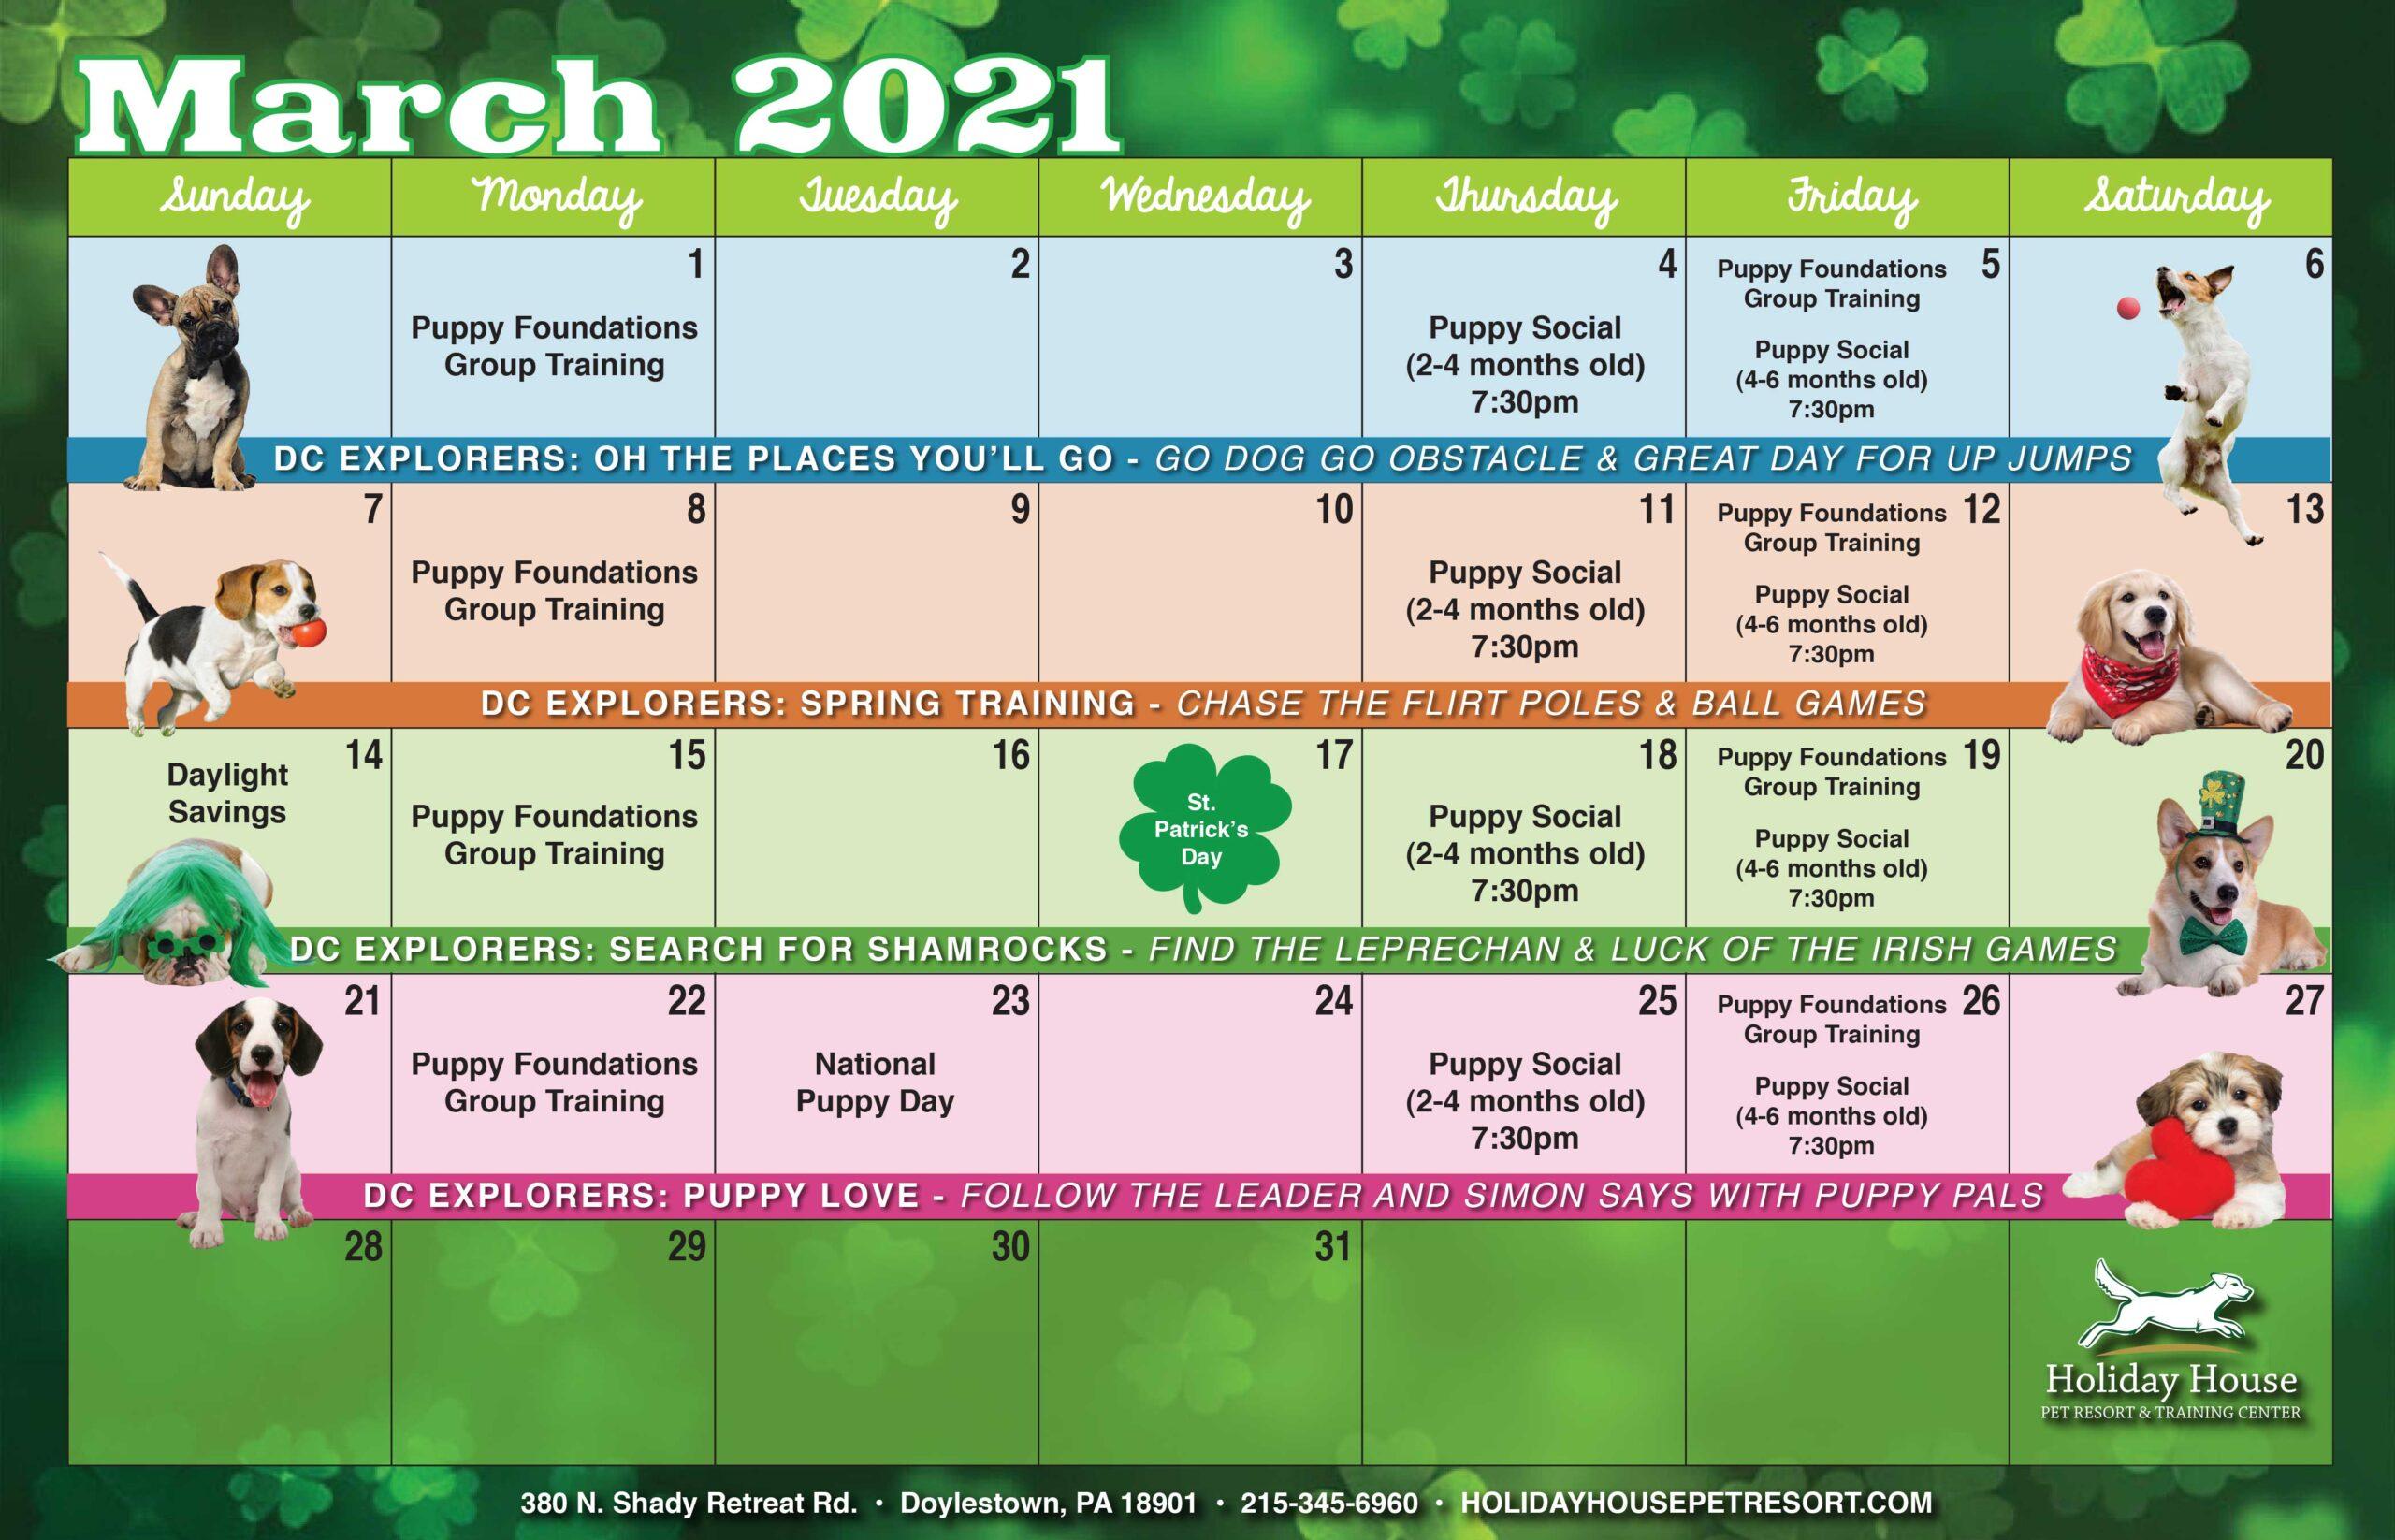 hh_2021calendar_march